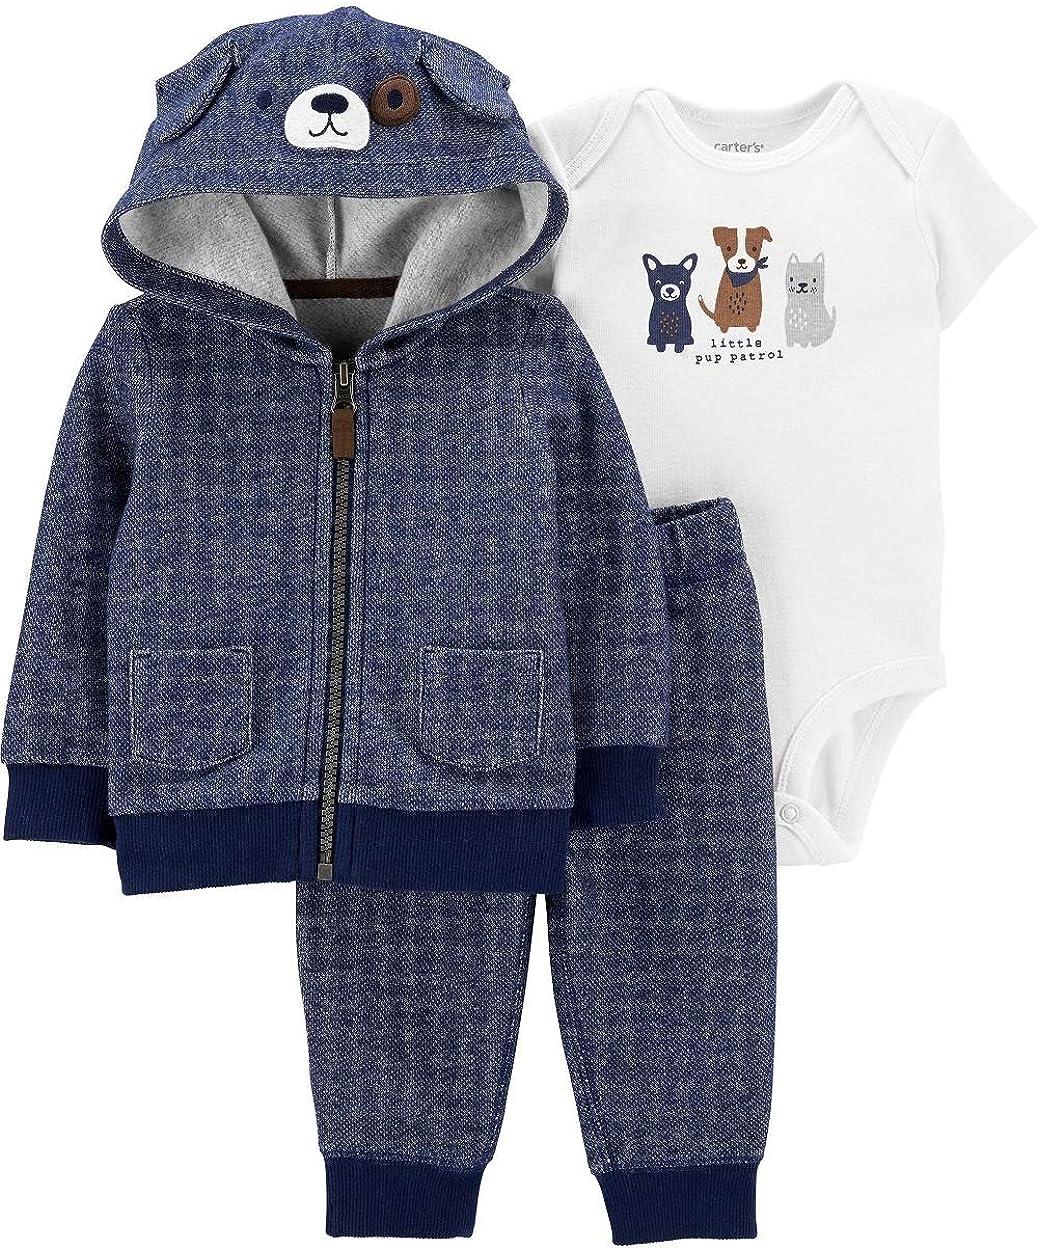 Carter's Baby Zip-Front Design 3-Piece Dog Little Jacket Set Size Newborn Navy/White